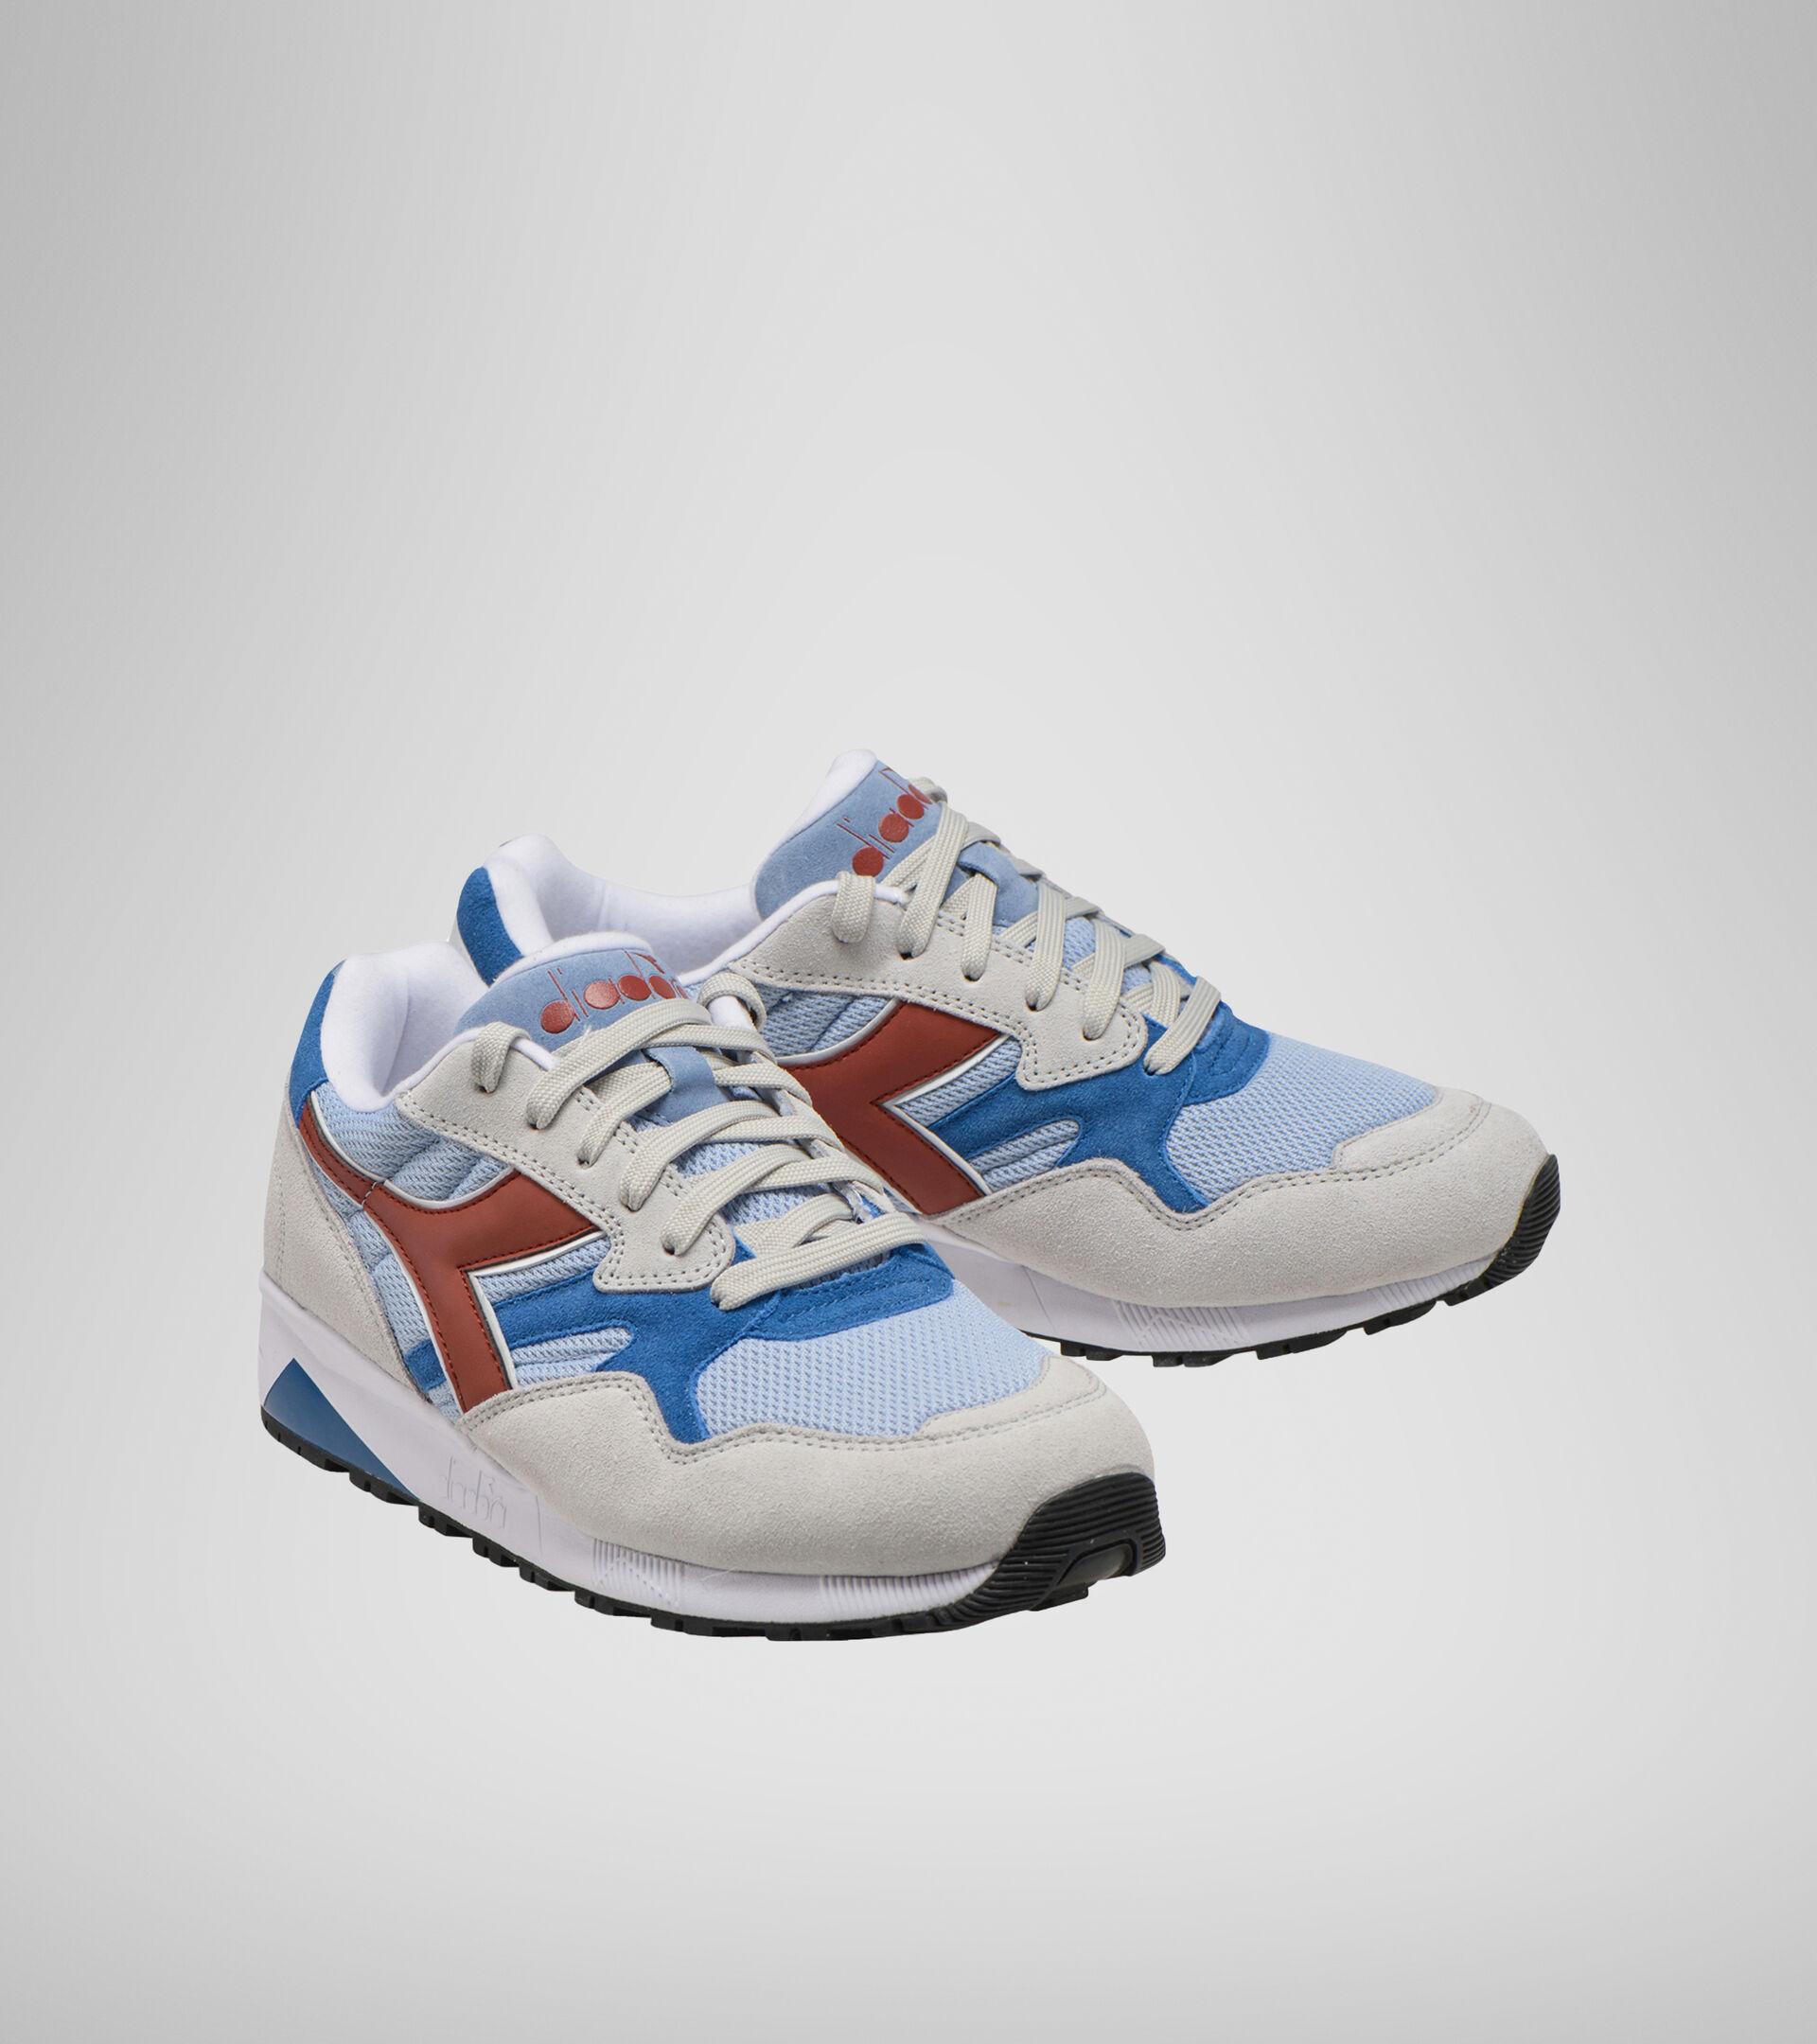 Footwear Sportswear UNISEX N902 S DAWN BL/RED OCHRE/MYKONOS BL Diadora